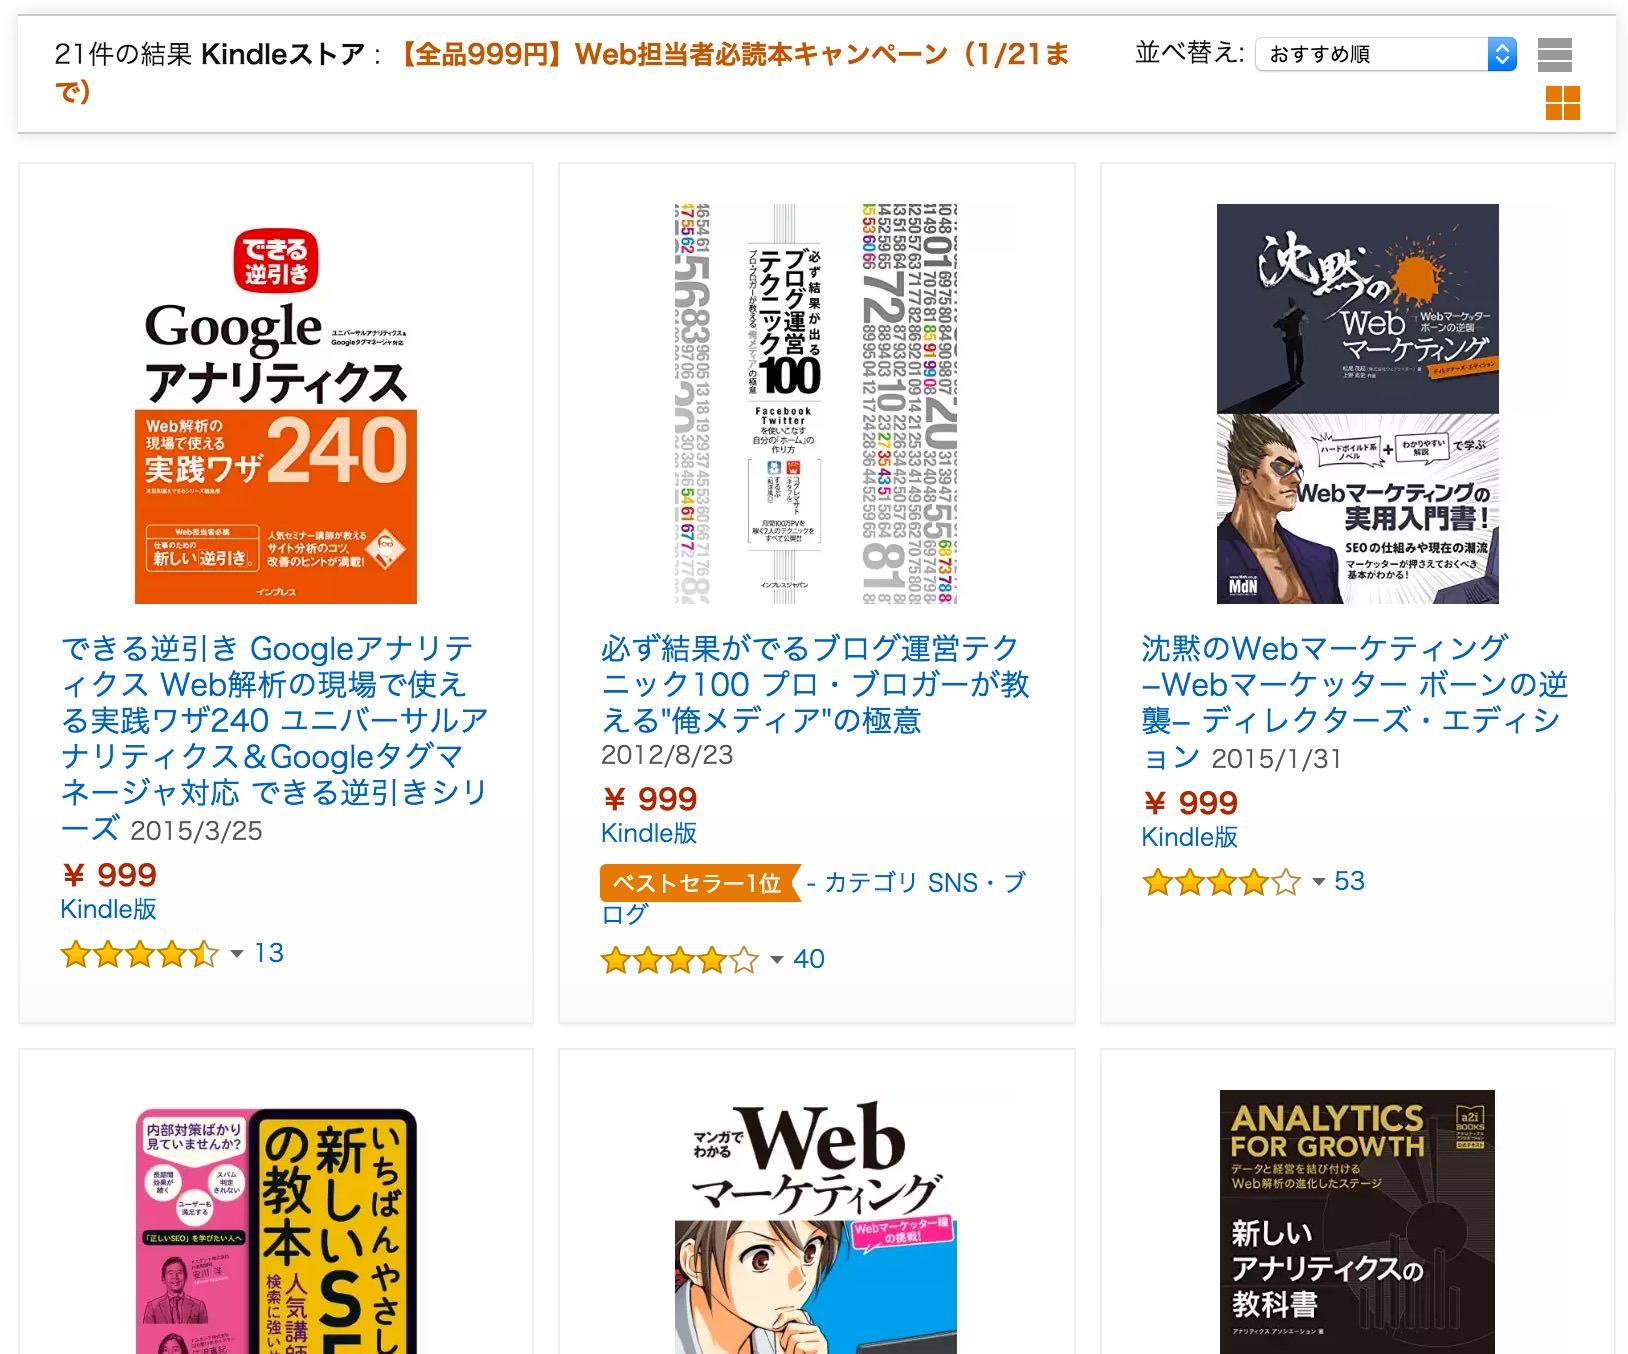 プロブロガー本がKindleの【全品999円】Web担当者必読本キャンペーンに選ばれSNS・ブログカテゴリーのベストセラー1位に!